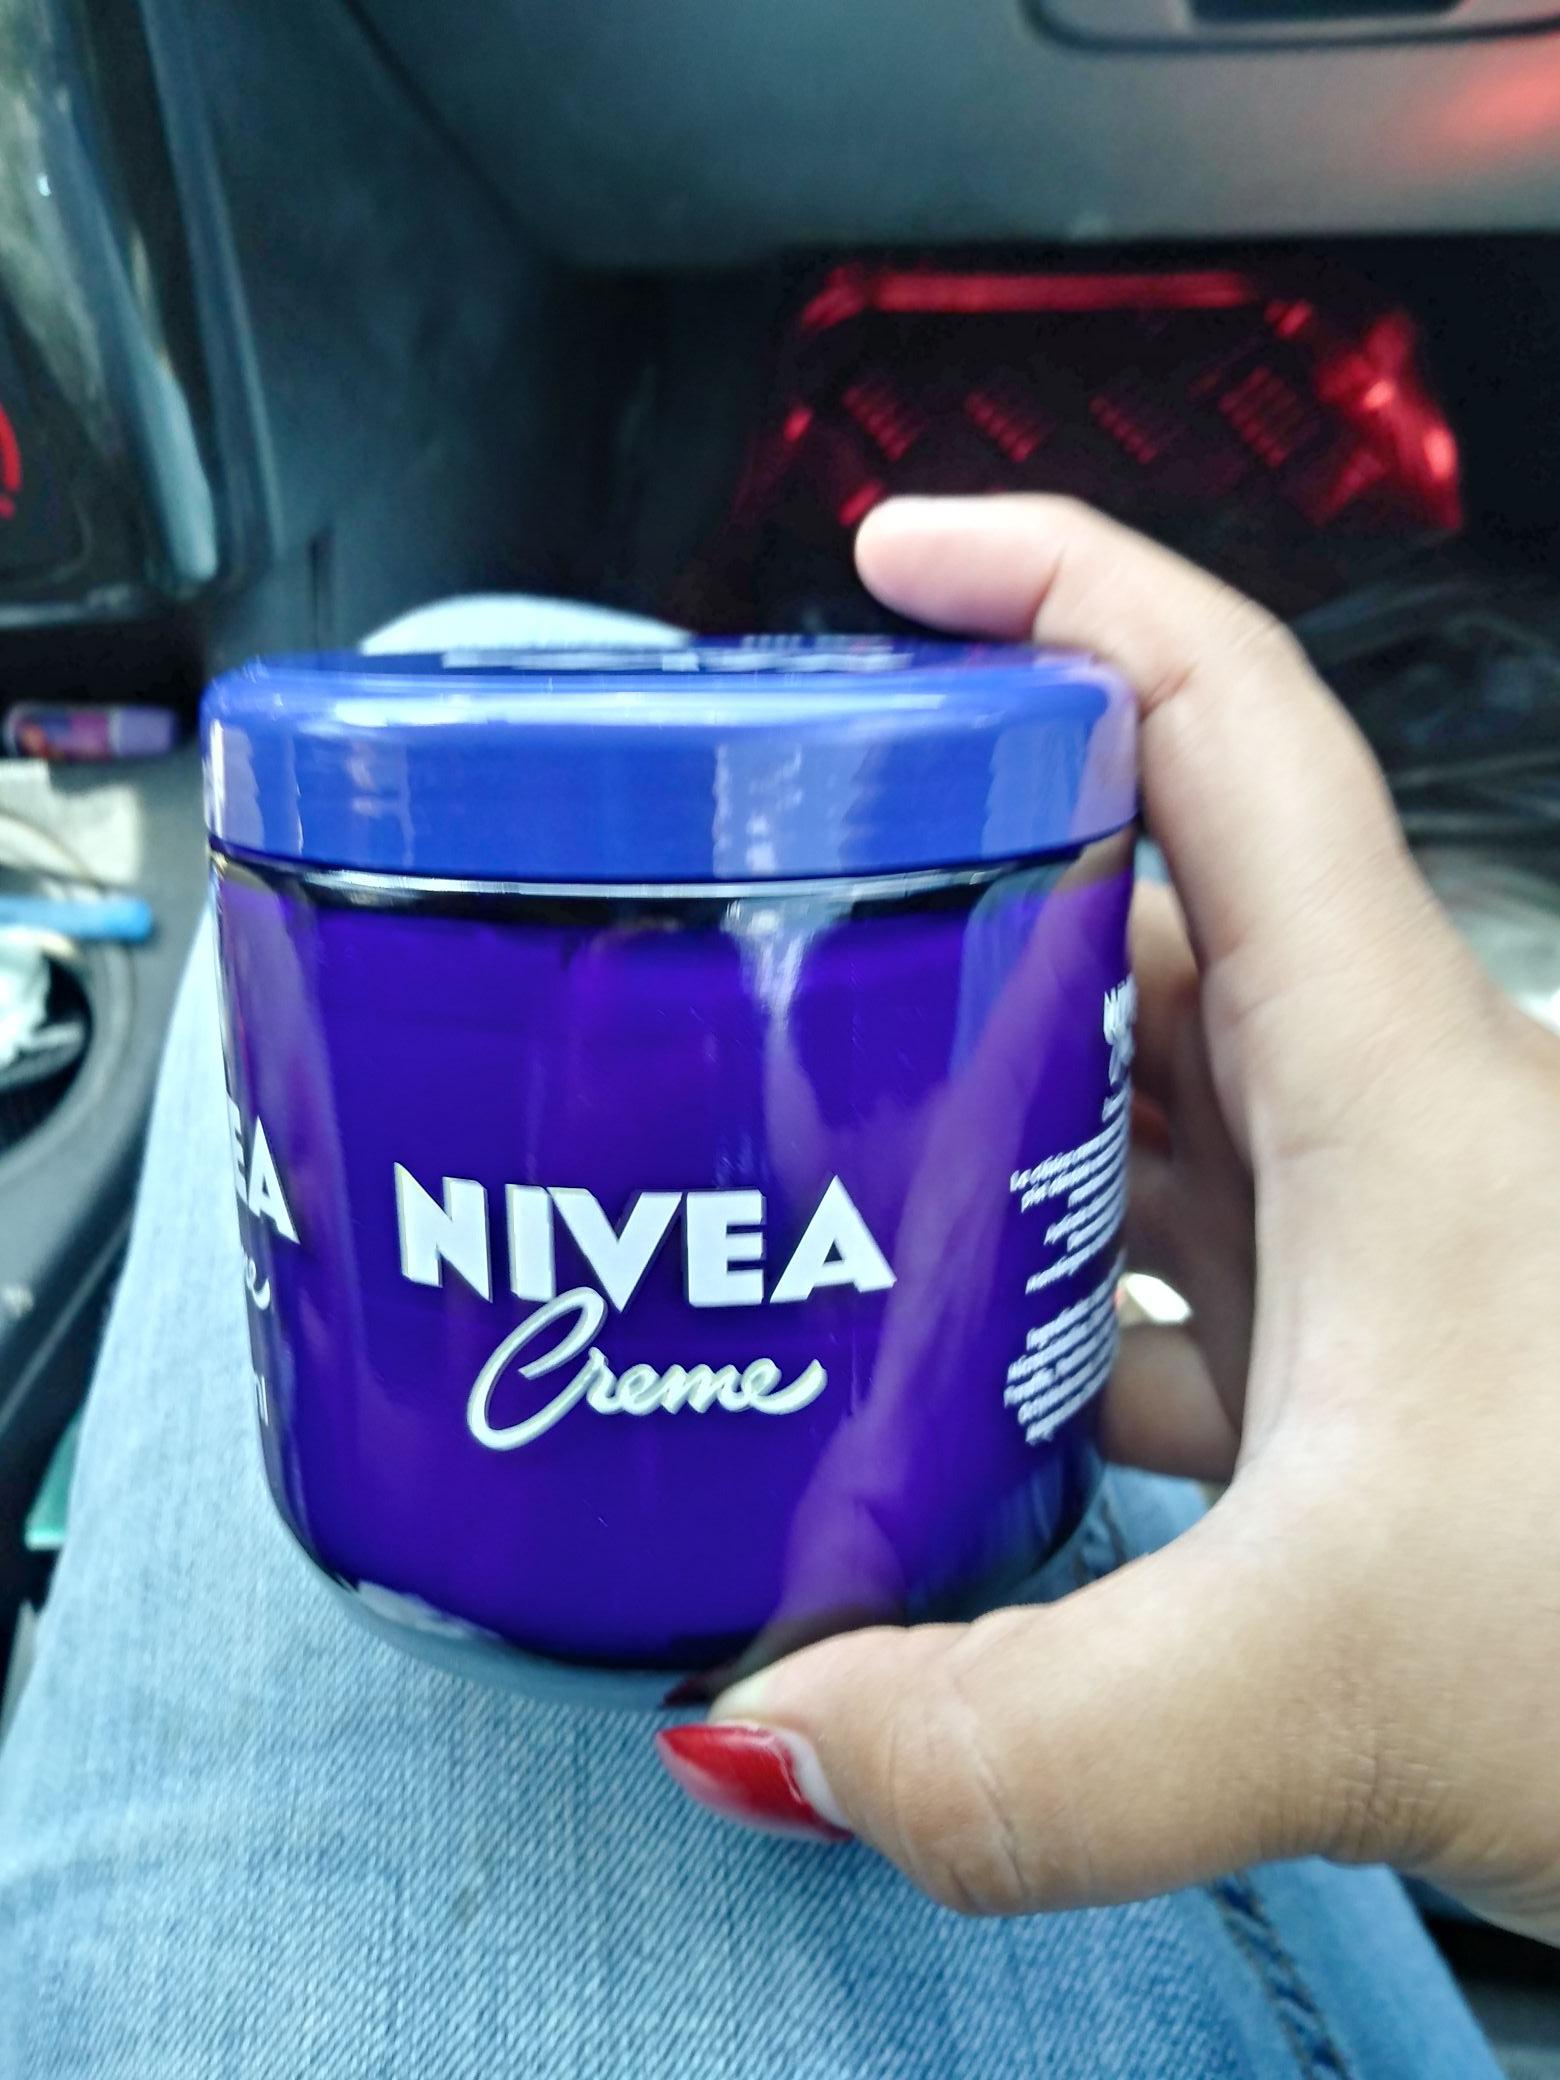 Bodega Aurrera: Crema Nivea tarro 400 ml $5.01 y otras liquidaciones